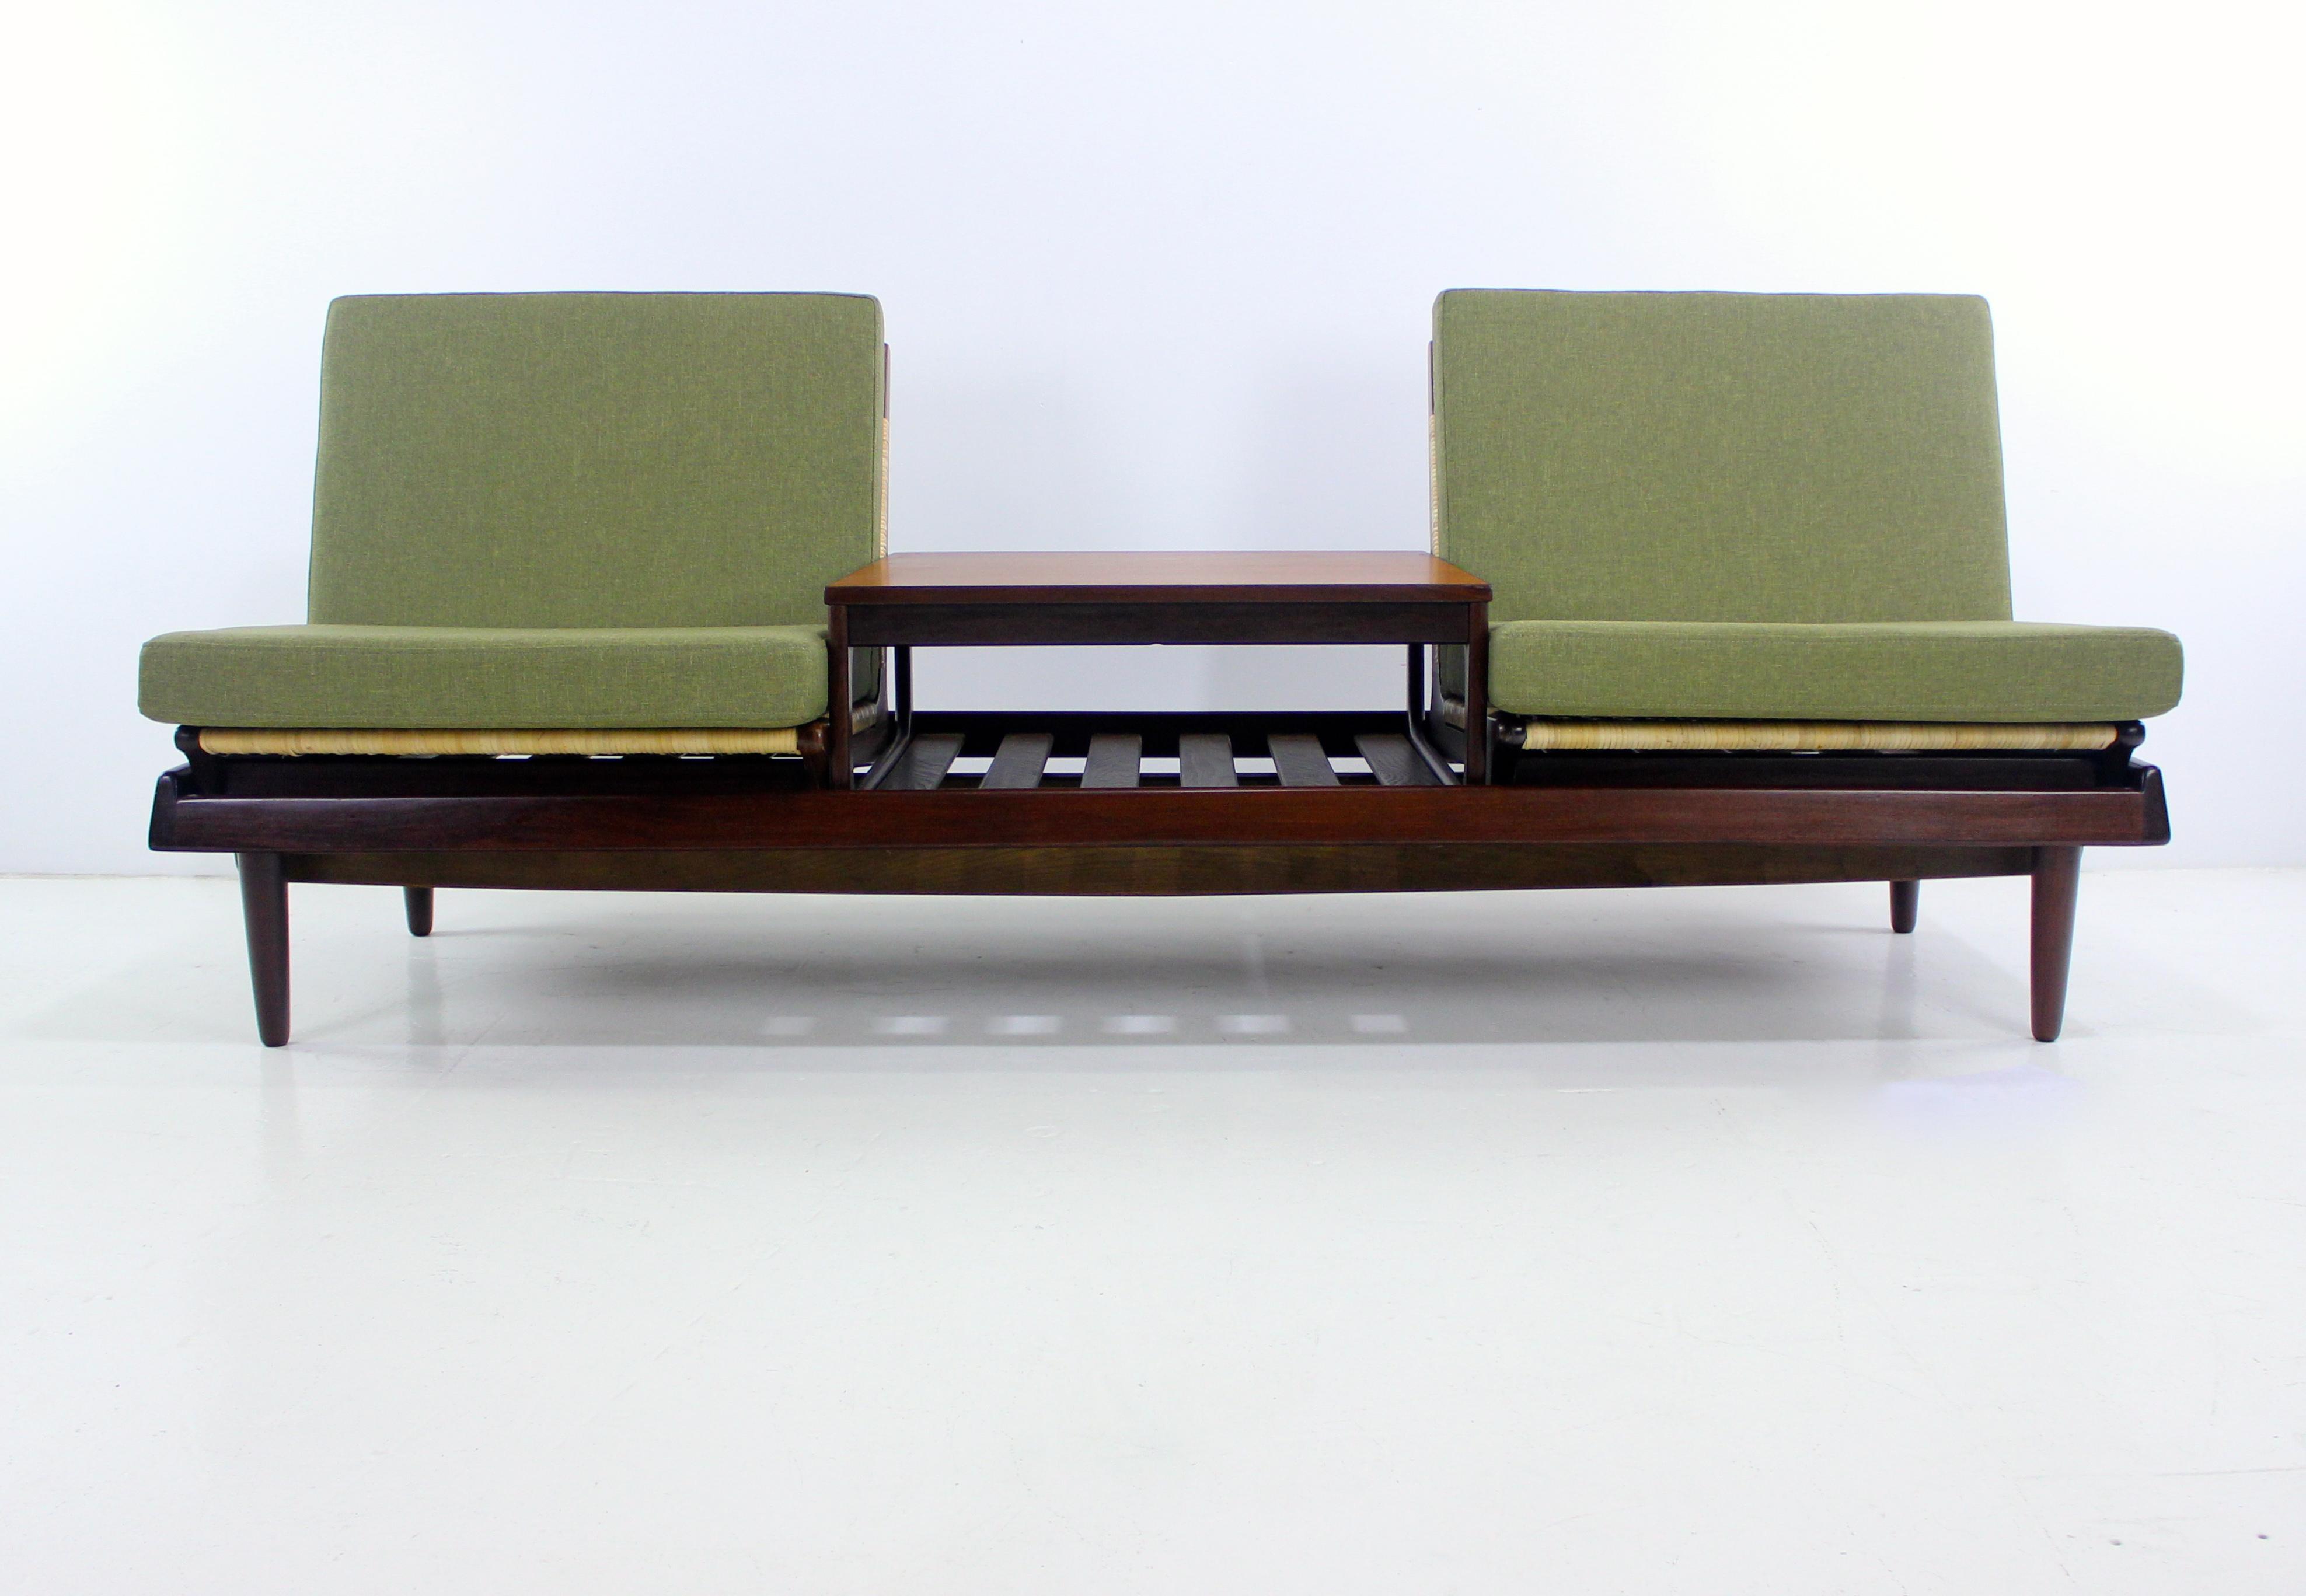 Danish Modern Modular Seating Group Designed by Hans Olsen